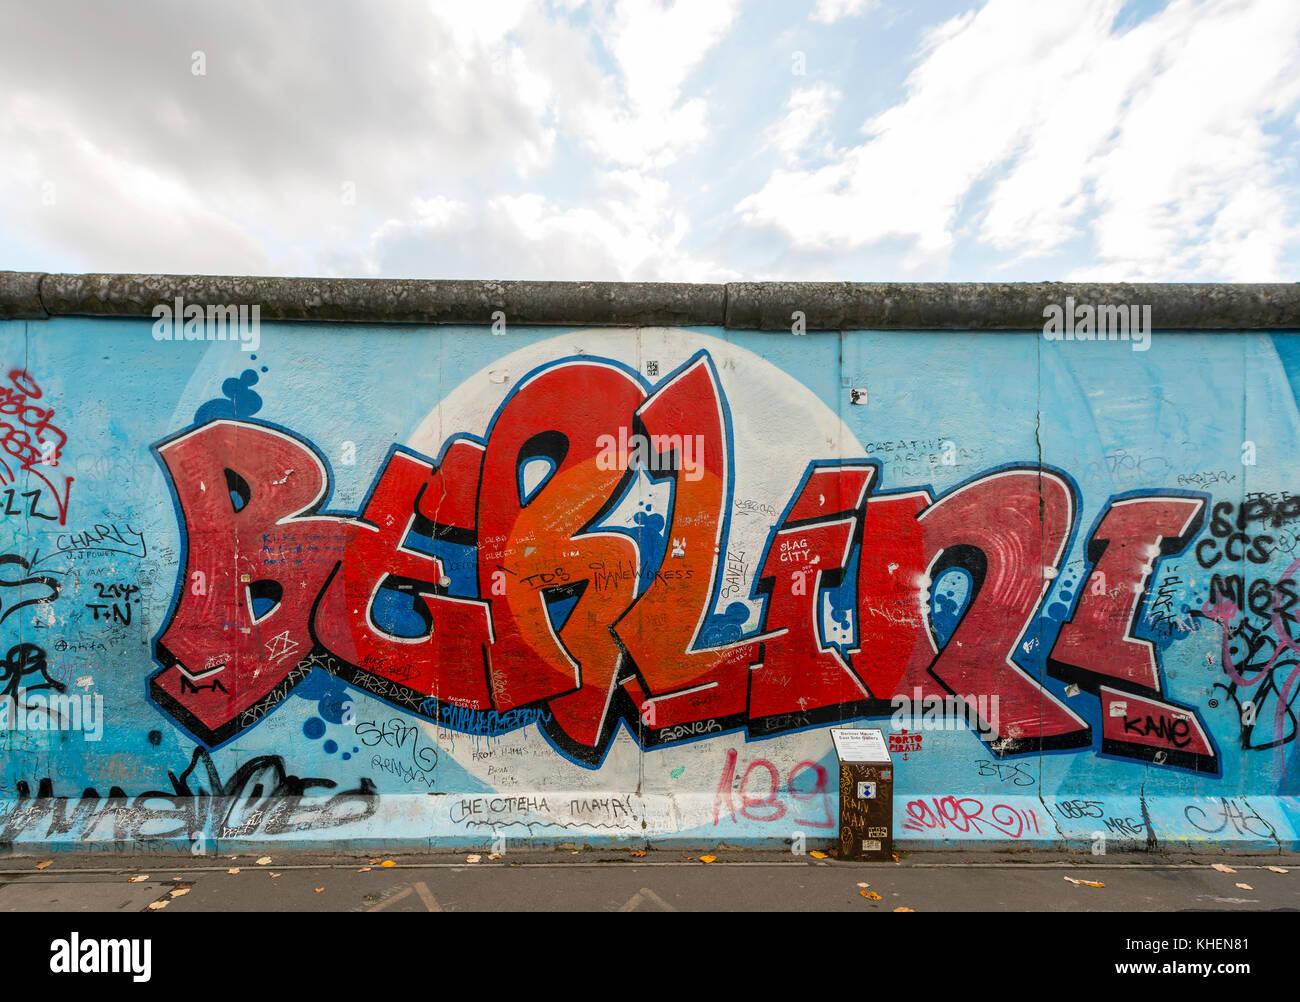 Inschrift Berlin, Malerei der Berliner Mauer East Side Gallery, Berlin, Deutschland Stockbild